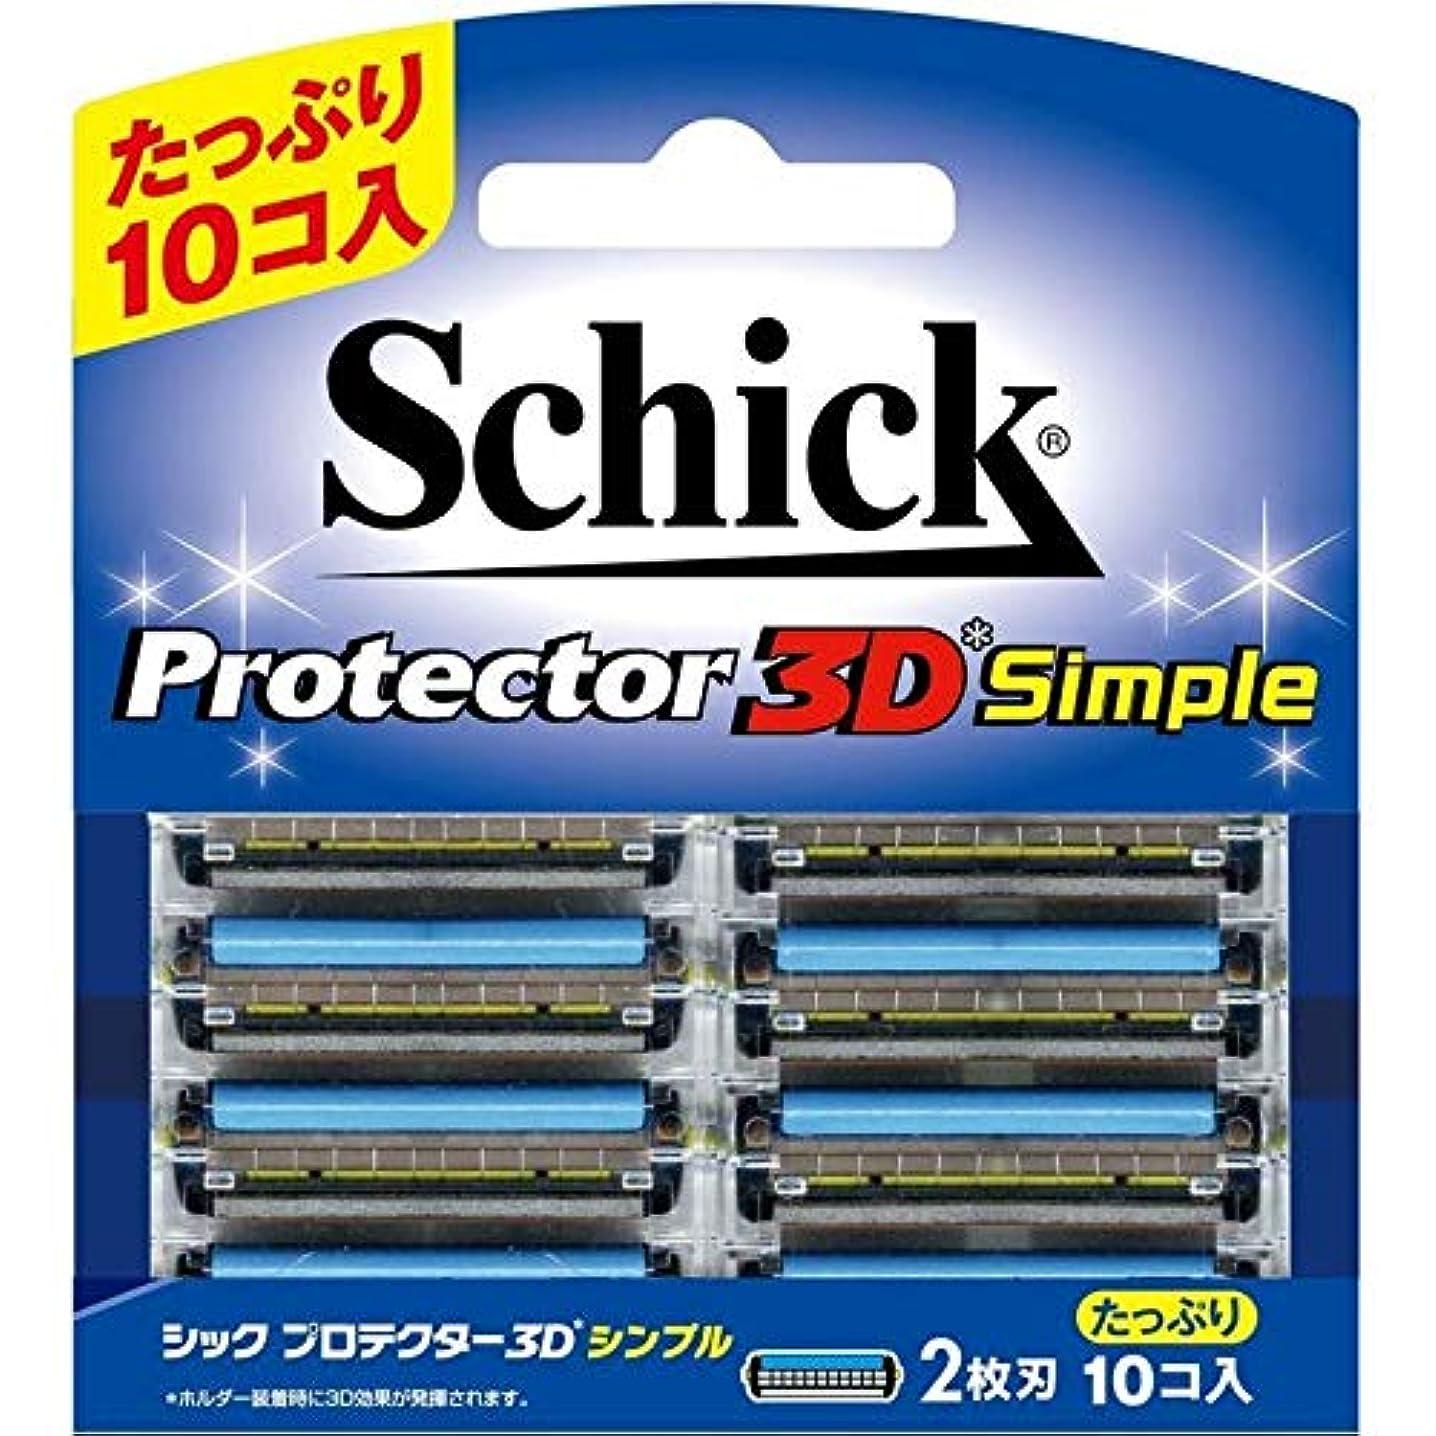 平方お風呂上に築きますシック プロテクター3D シンプル 替刃 (10コ入) 男性用カミソリ 3個セット